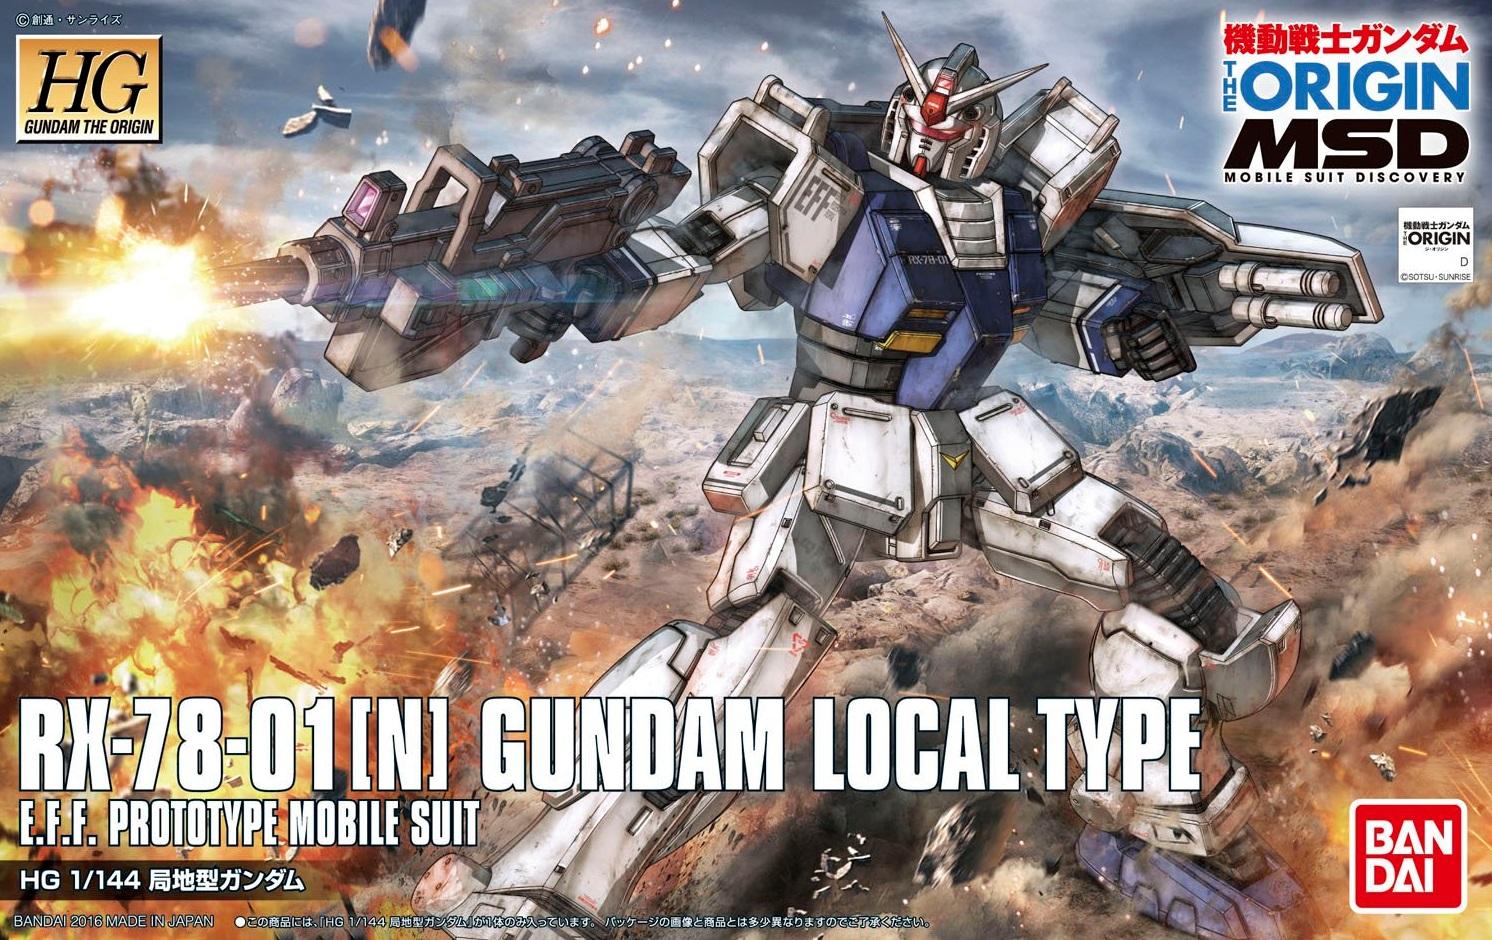 1/144 HG Gundam The Origin Local Type